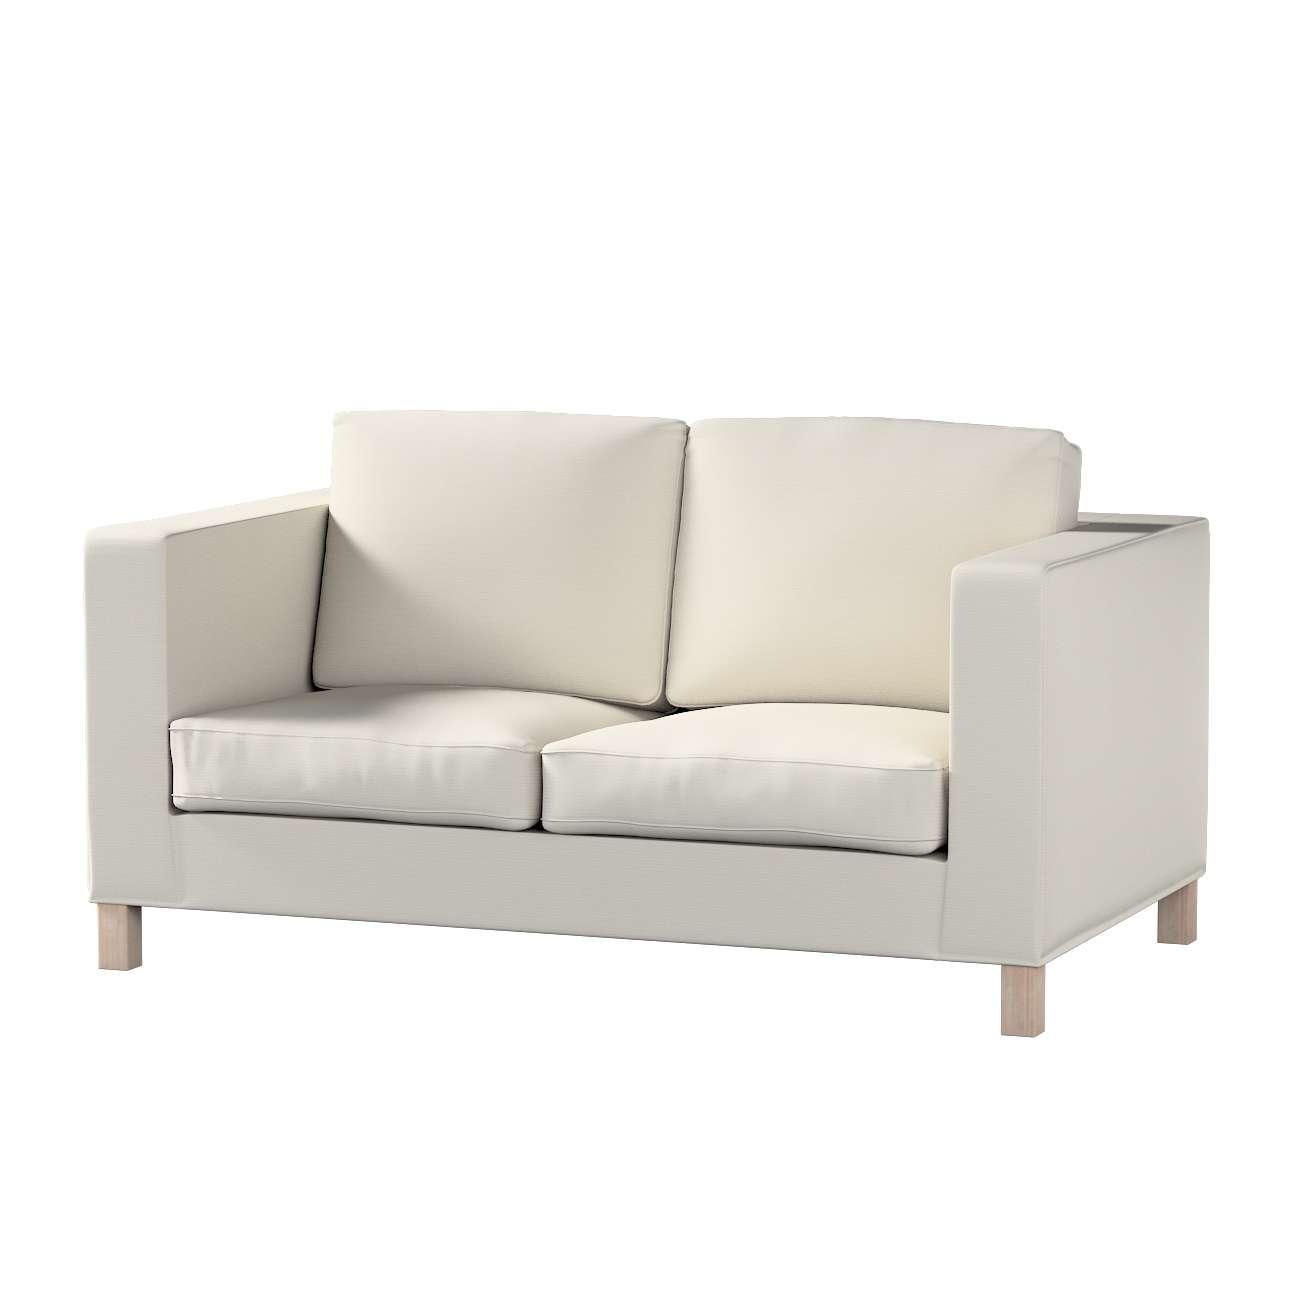 Bezug für Karlanda 2-Sitzer Sofa nicht ausklappbar, kurz von der Kollektion Cotton Panama, Stoff: 702-31